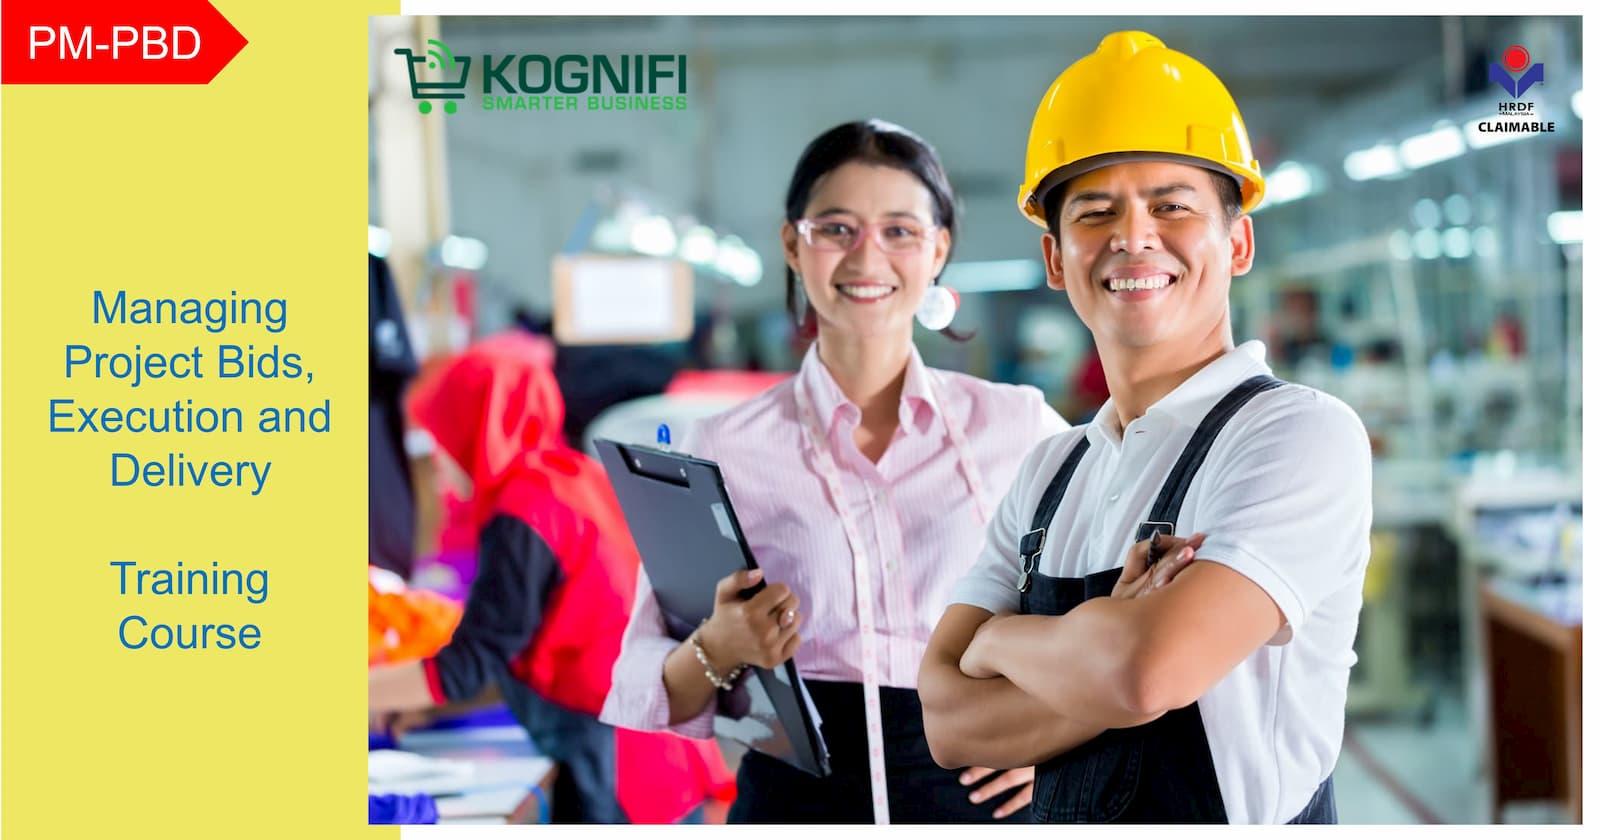 Kognifi.PM-PBD. mengurus bidaan projek, pelaksanaan dan penghantaran. kursus latihan